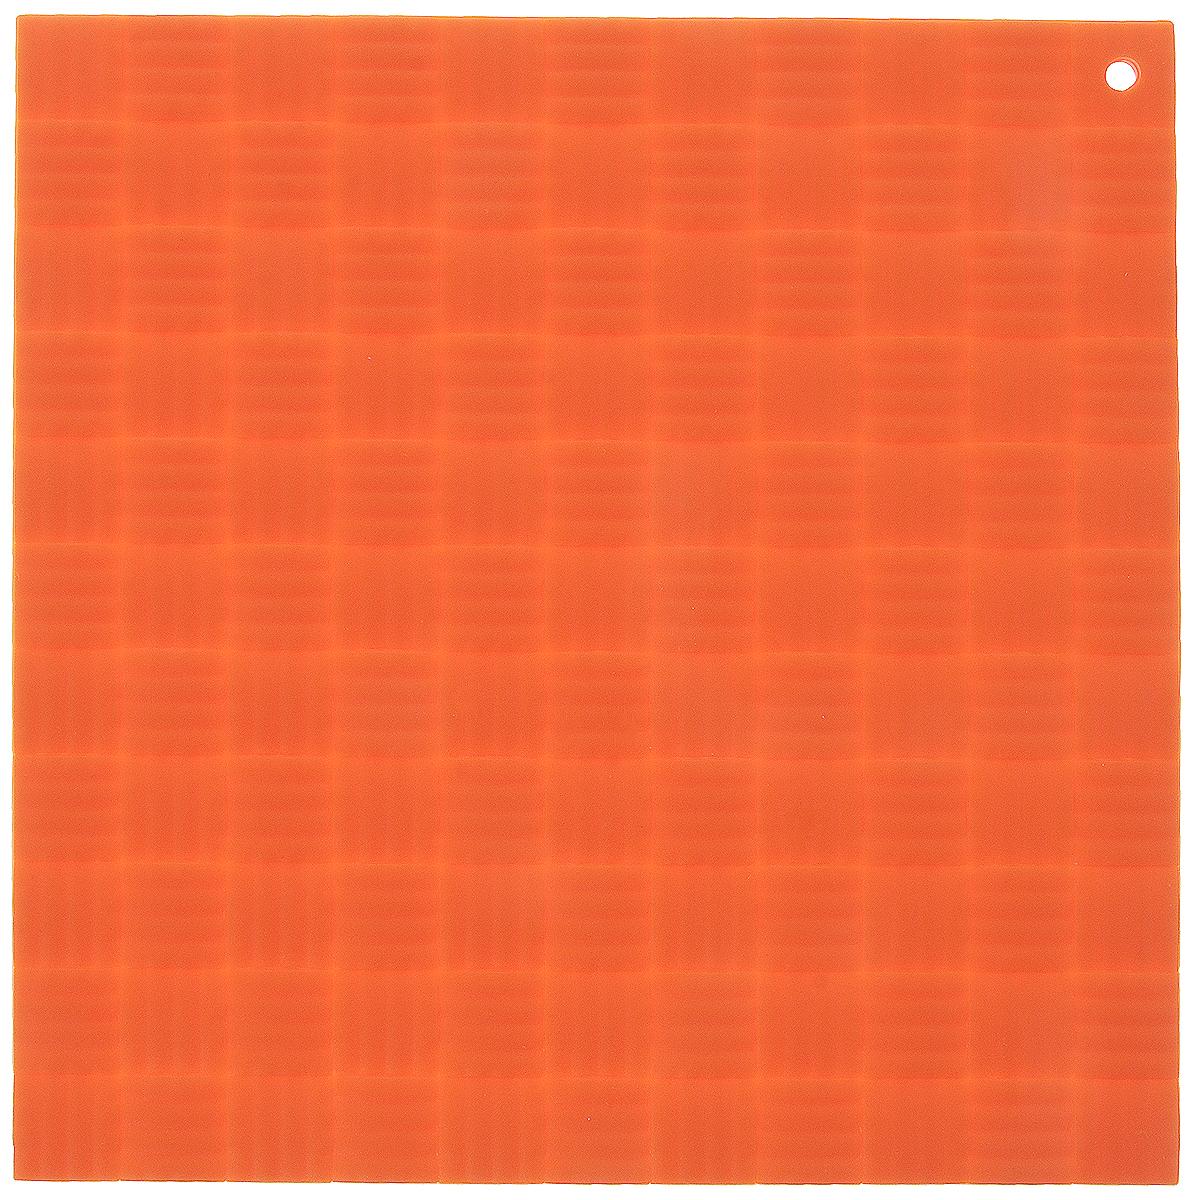 Подставка под горячее Paterra, силиконовая, цвет: оранжевый, 17,5 х 17,5 см402-499_оранжевыйПодставка под горячее Paterra изготовлена из силикона и оснащена специальным отверстием для подвешивания. Материал позволяет выдерживать высокие температуры и не скользит по поверхности стола. Каждая хозяйка знает, что подставка под горячее - это незаменимый и очень полезный аксессуар на каждой кухне. Ваш стол будет не только украшен яркой и оригинальной подставкой, но и сбережен от воздействия высоких температур.